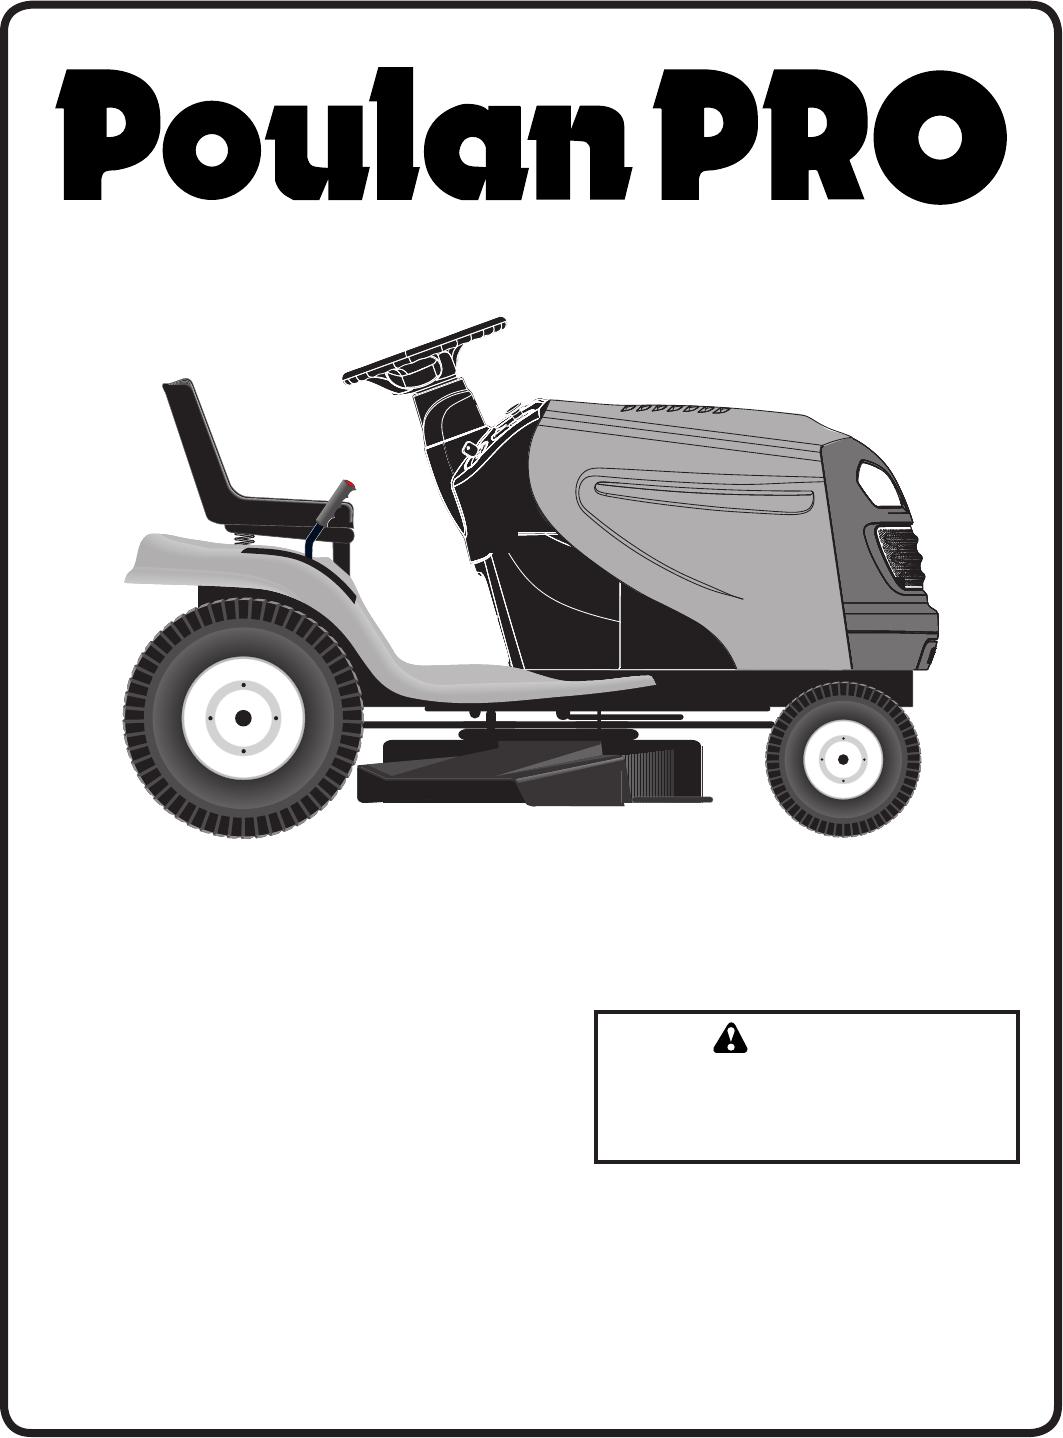 poulan lawn mower xt195h42lt user guide